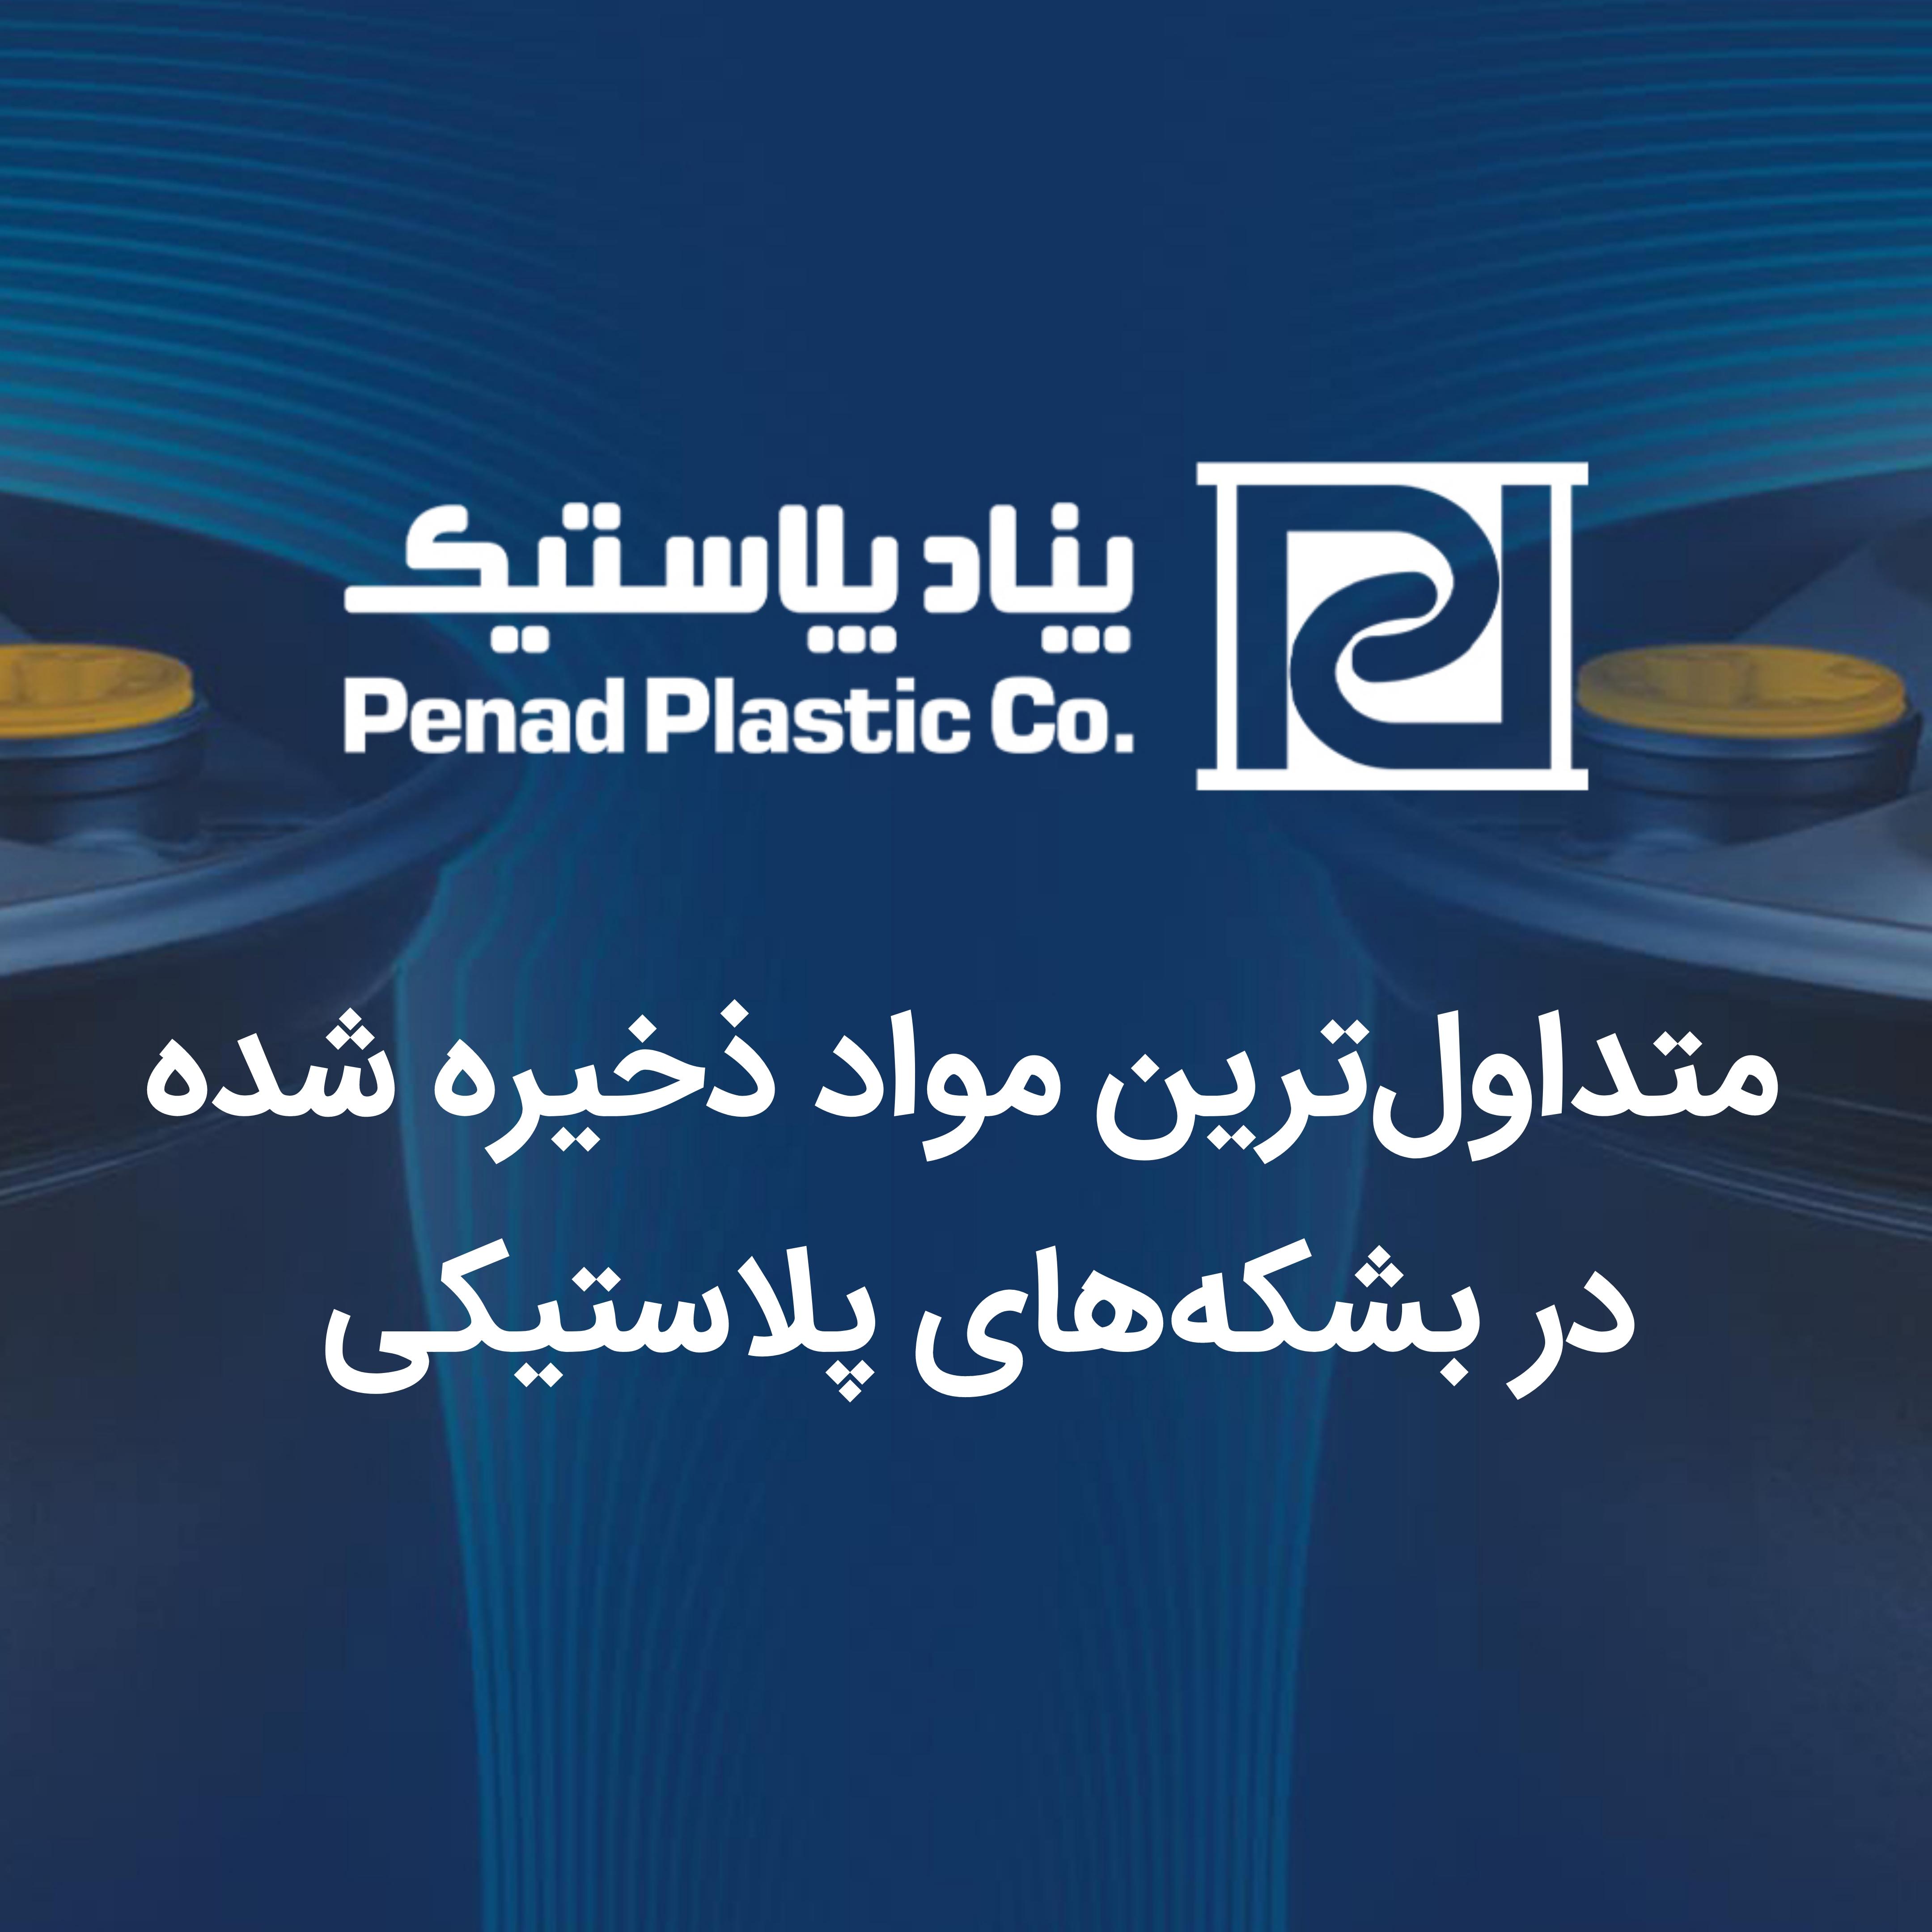 متداول ترین مواد ذخیره شده در بشکه های پلاستیکی